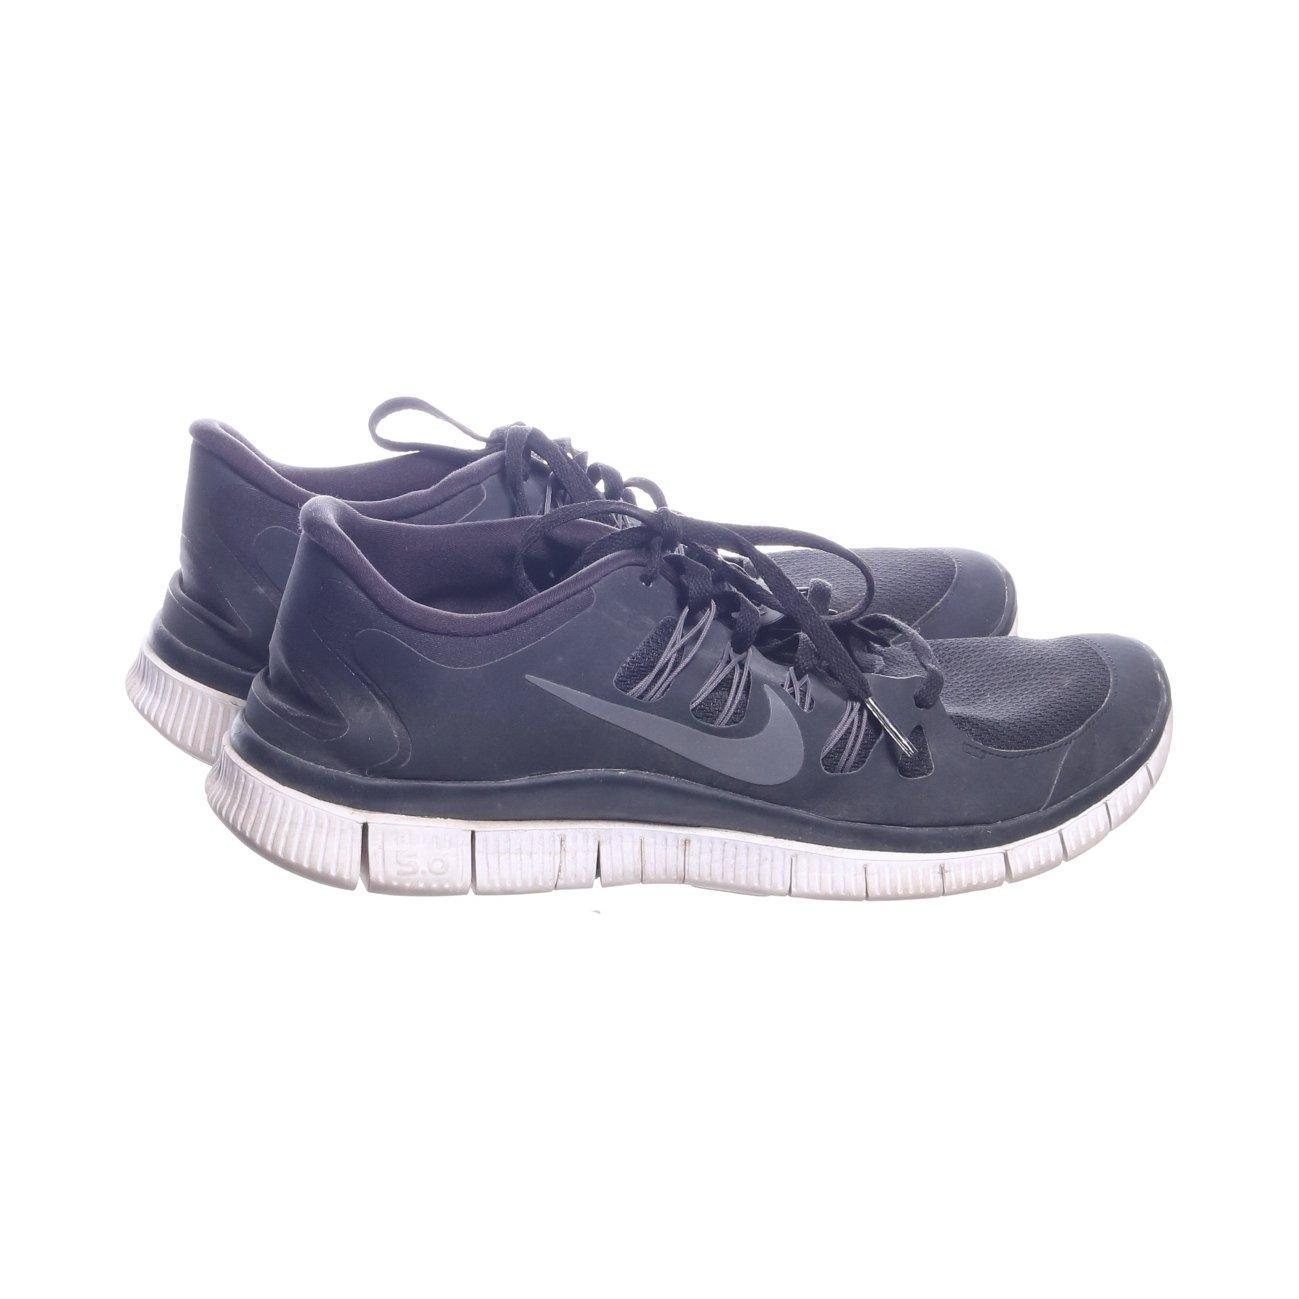 brand new 43eaa 9961d Nike, Sneakers, Strl  44.5, 5.0, Svart Mörkgrå